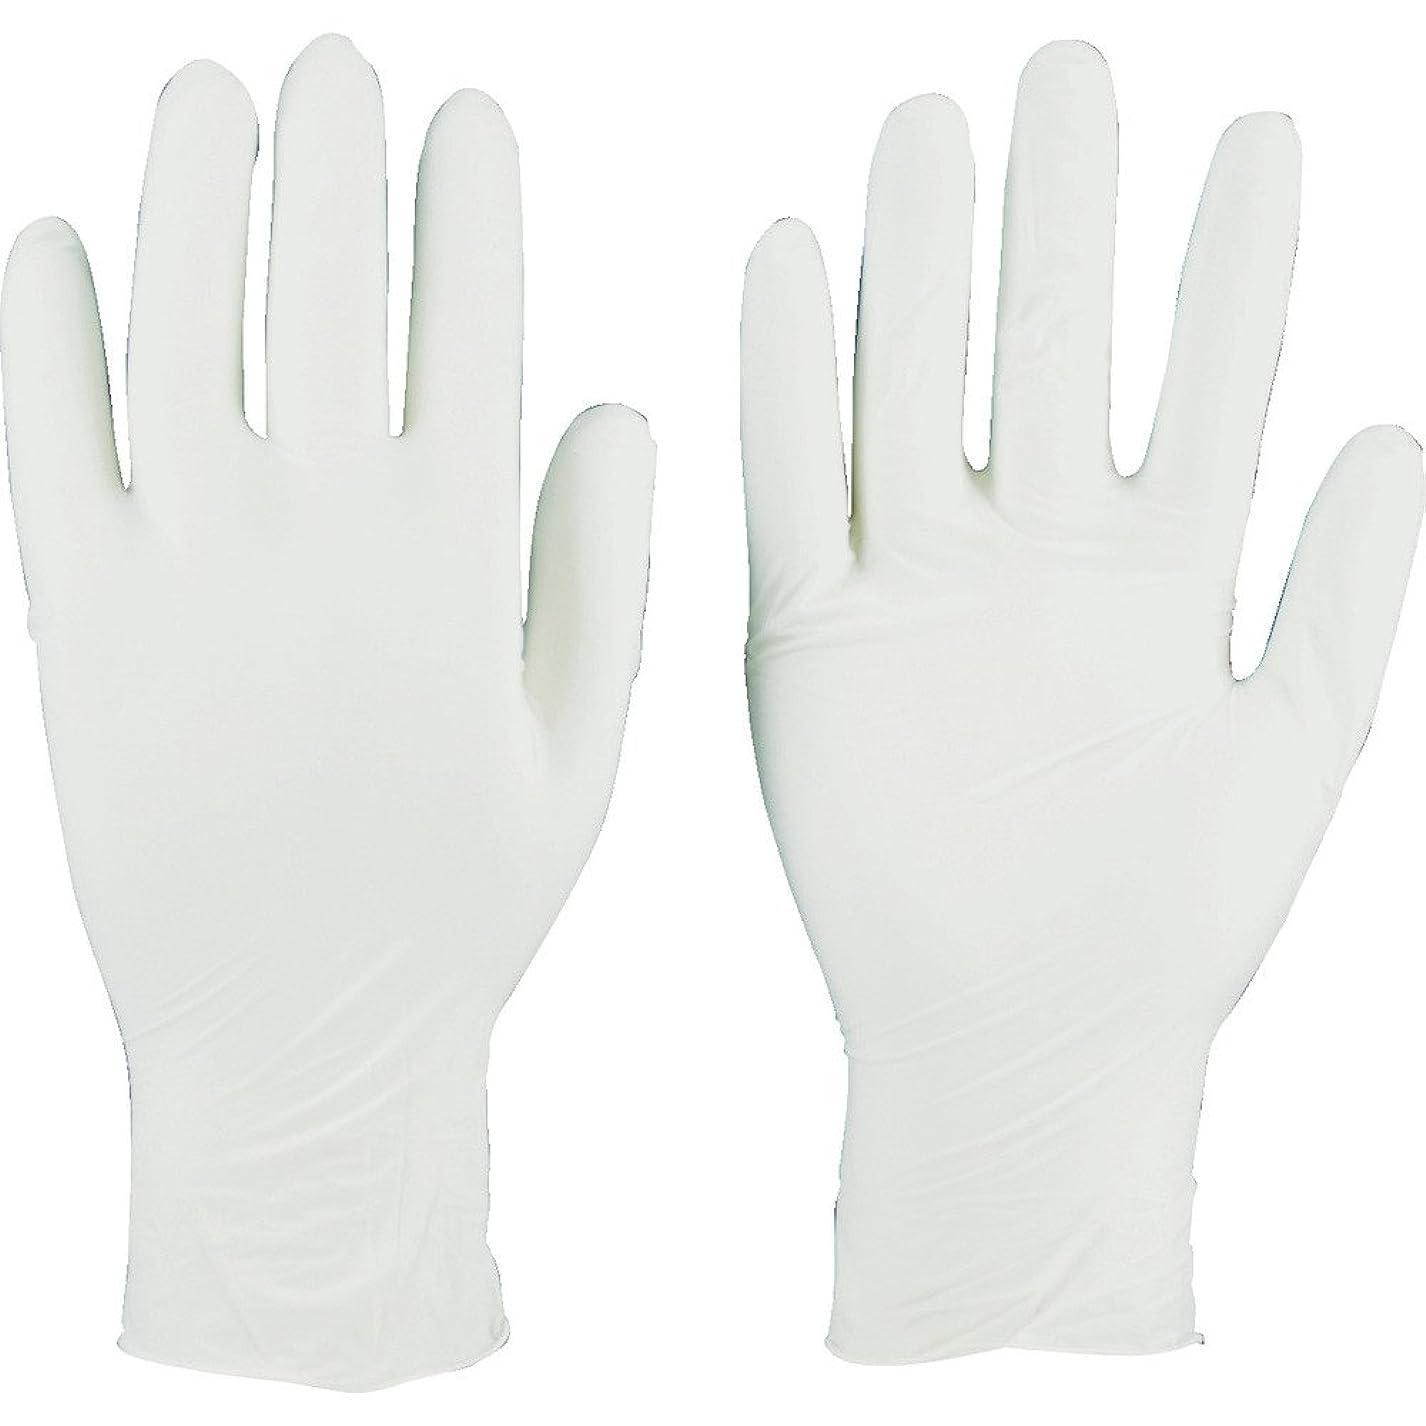 芸術正確なすTRUSCO(トラスコ) ニトリル製使い捨て極薄手袋 粉無し  SS ホワイト(200枚入) TGL-440-SS